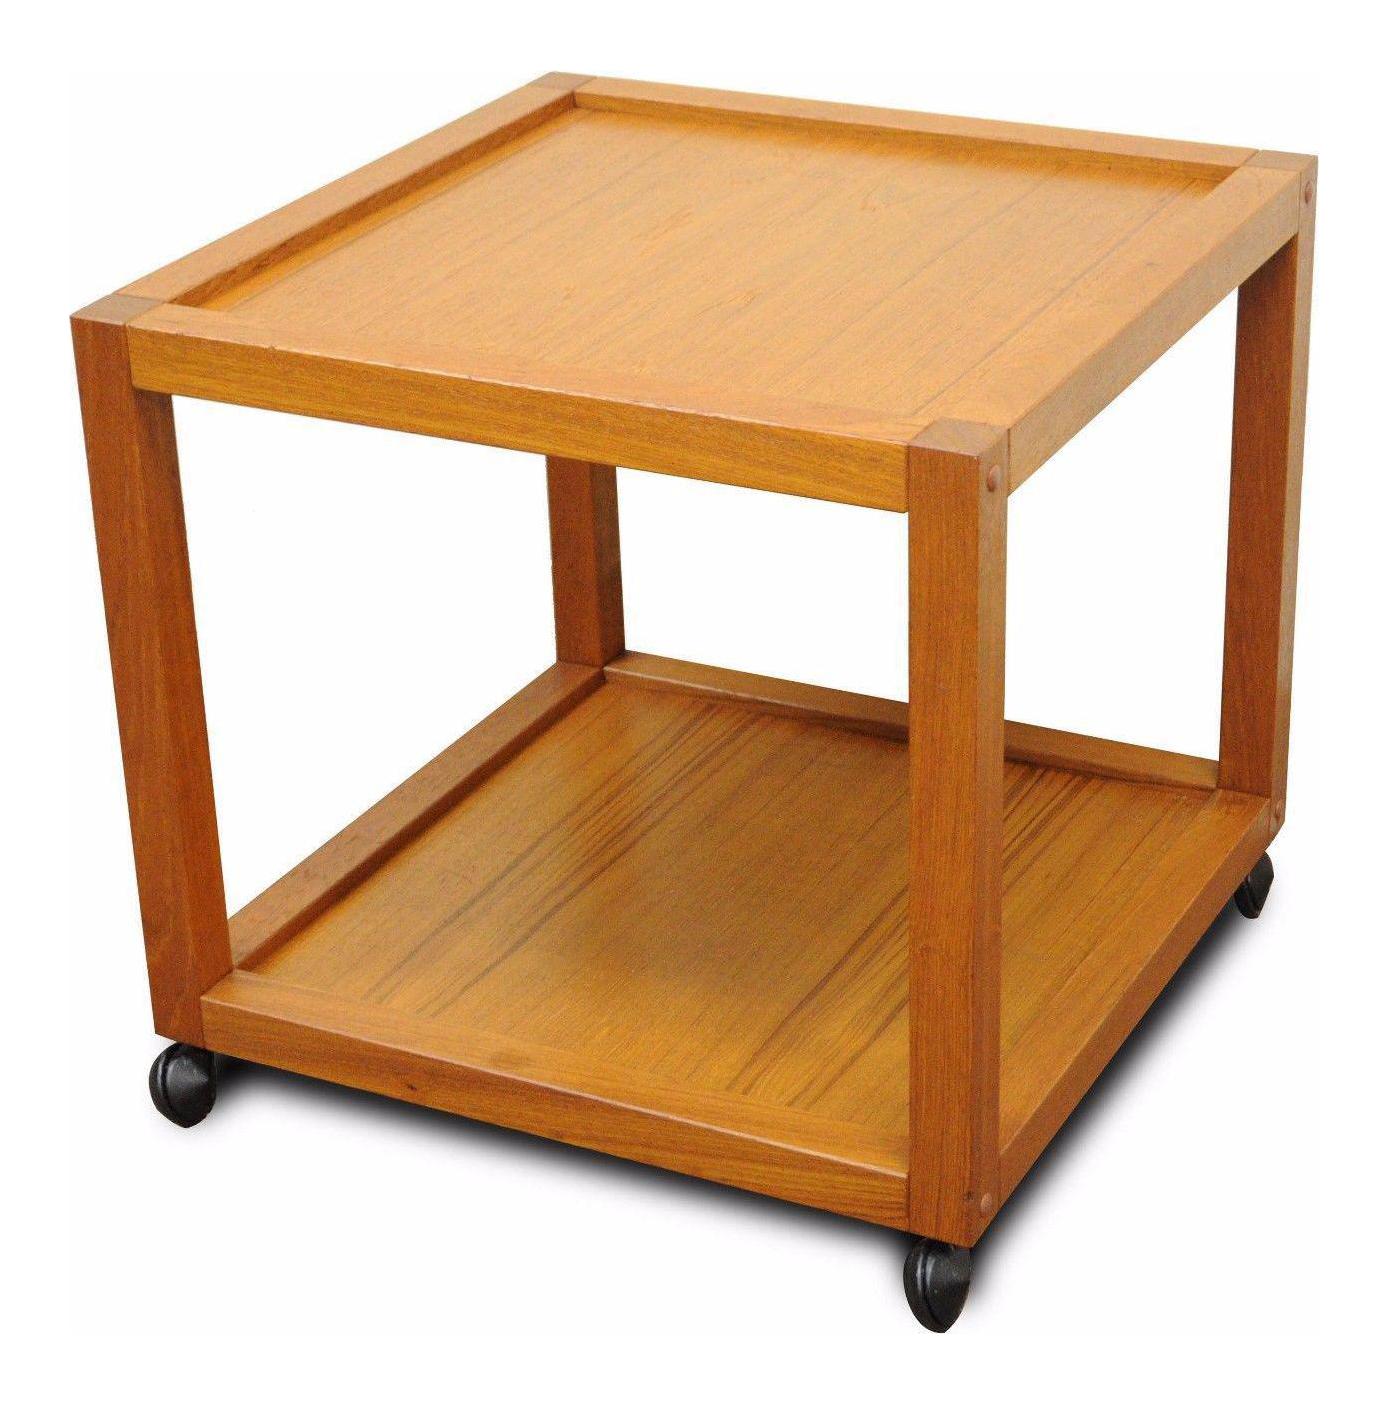 vintage nordisk andels eksport mid century danish modern square teak side table